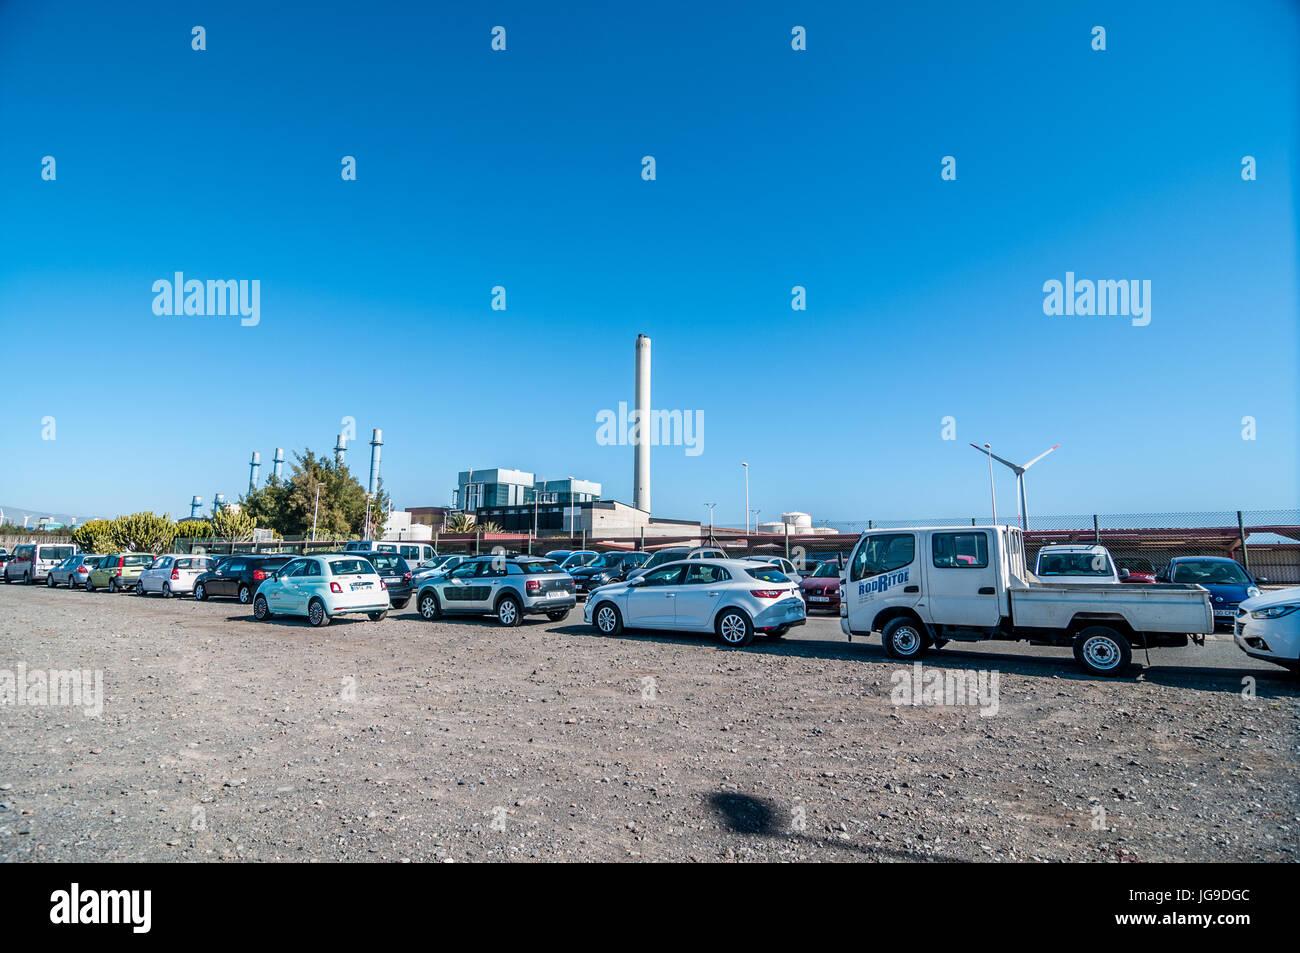 Parking voiture d'une centrale thermique de Barranco de Tirajana à Gran Canaria, Îles Canaries, Espagne Photo Stock